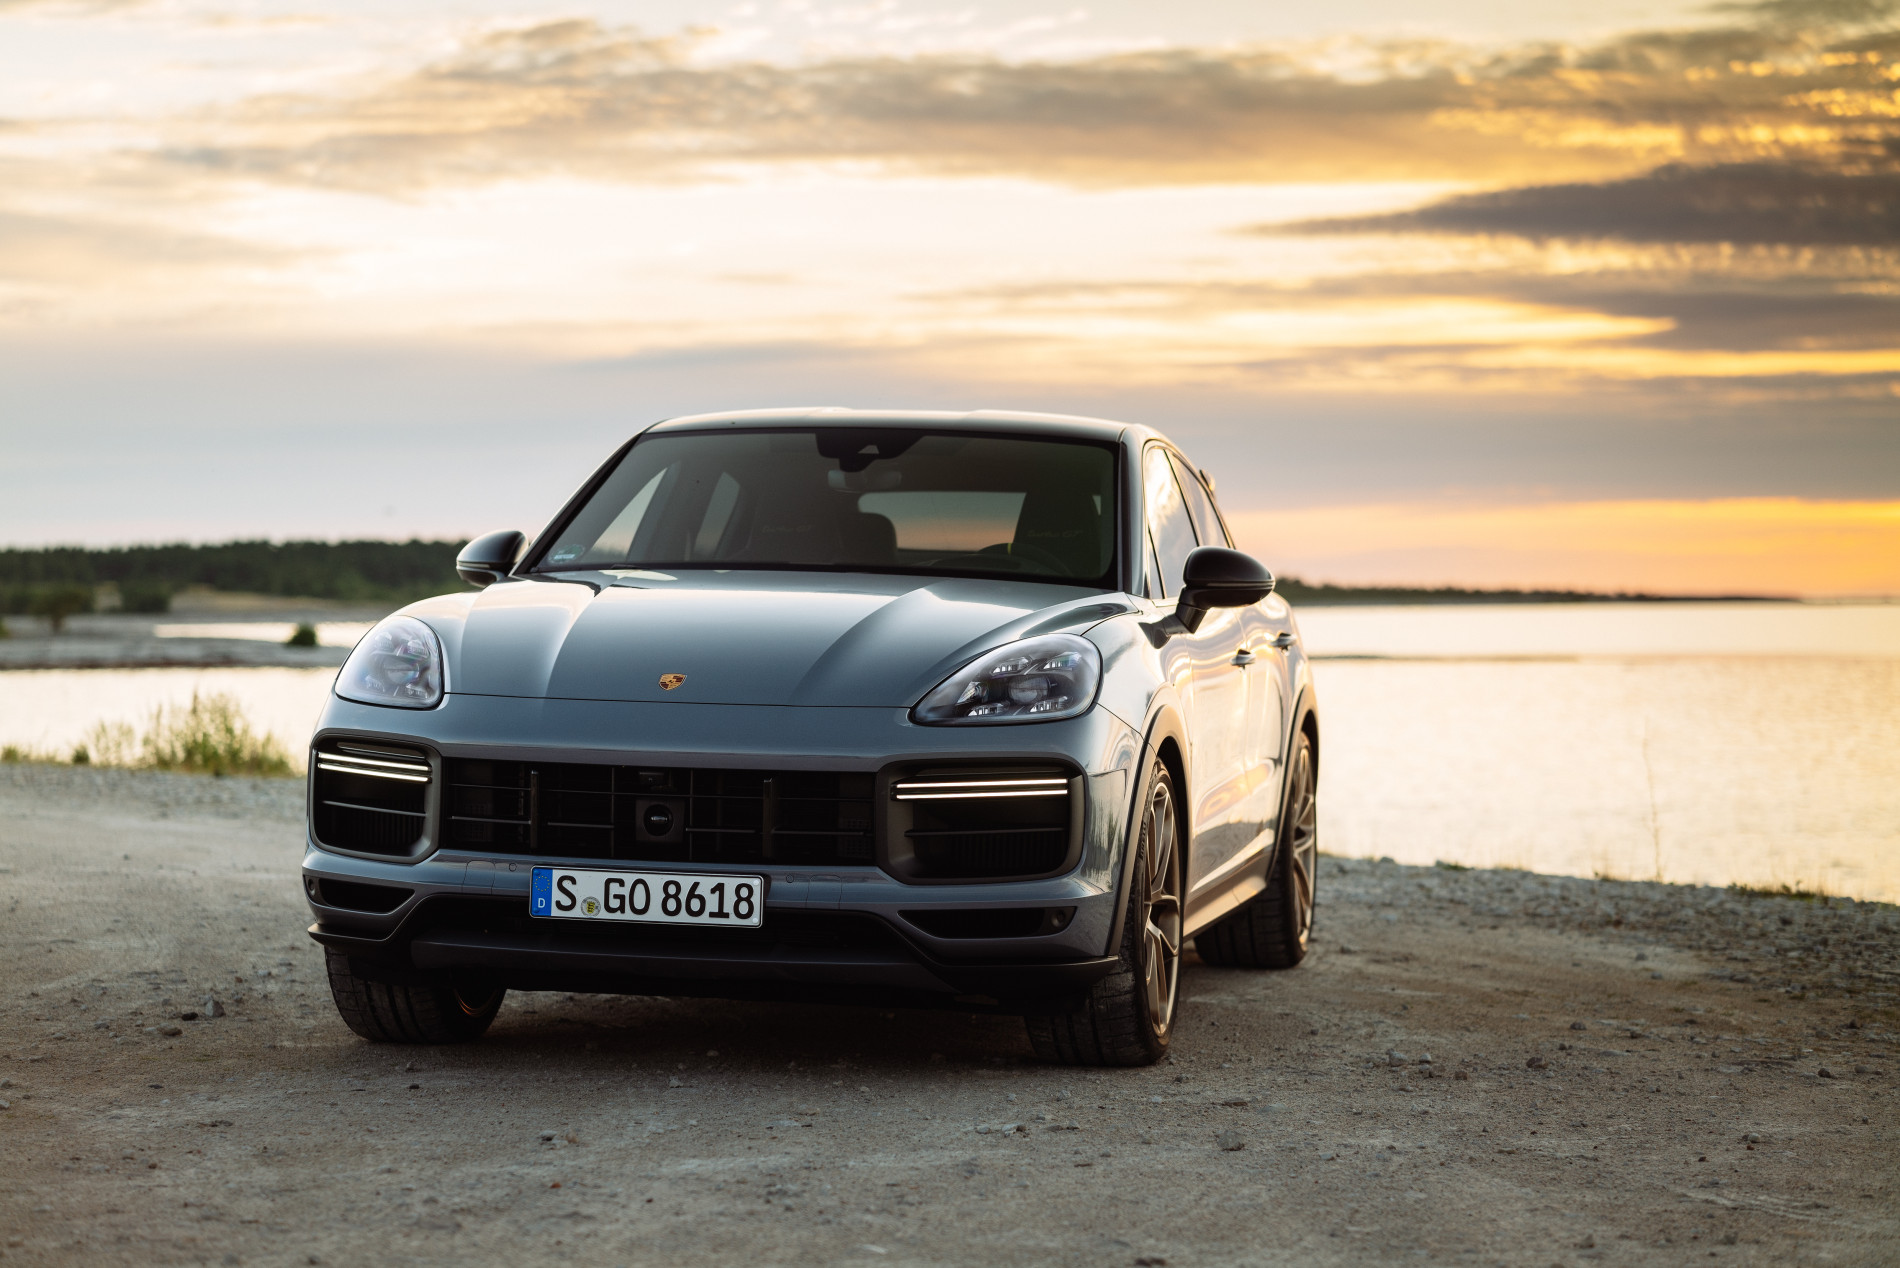 Porsche Cayenne Turbo GT - Galerie foto - Porsche Cayenne Turbo GT - Galerie foto